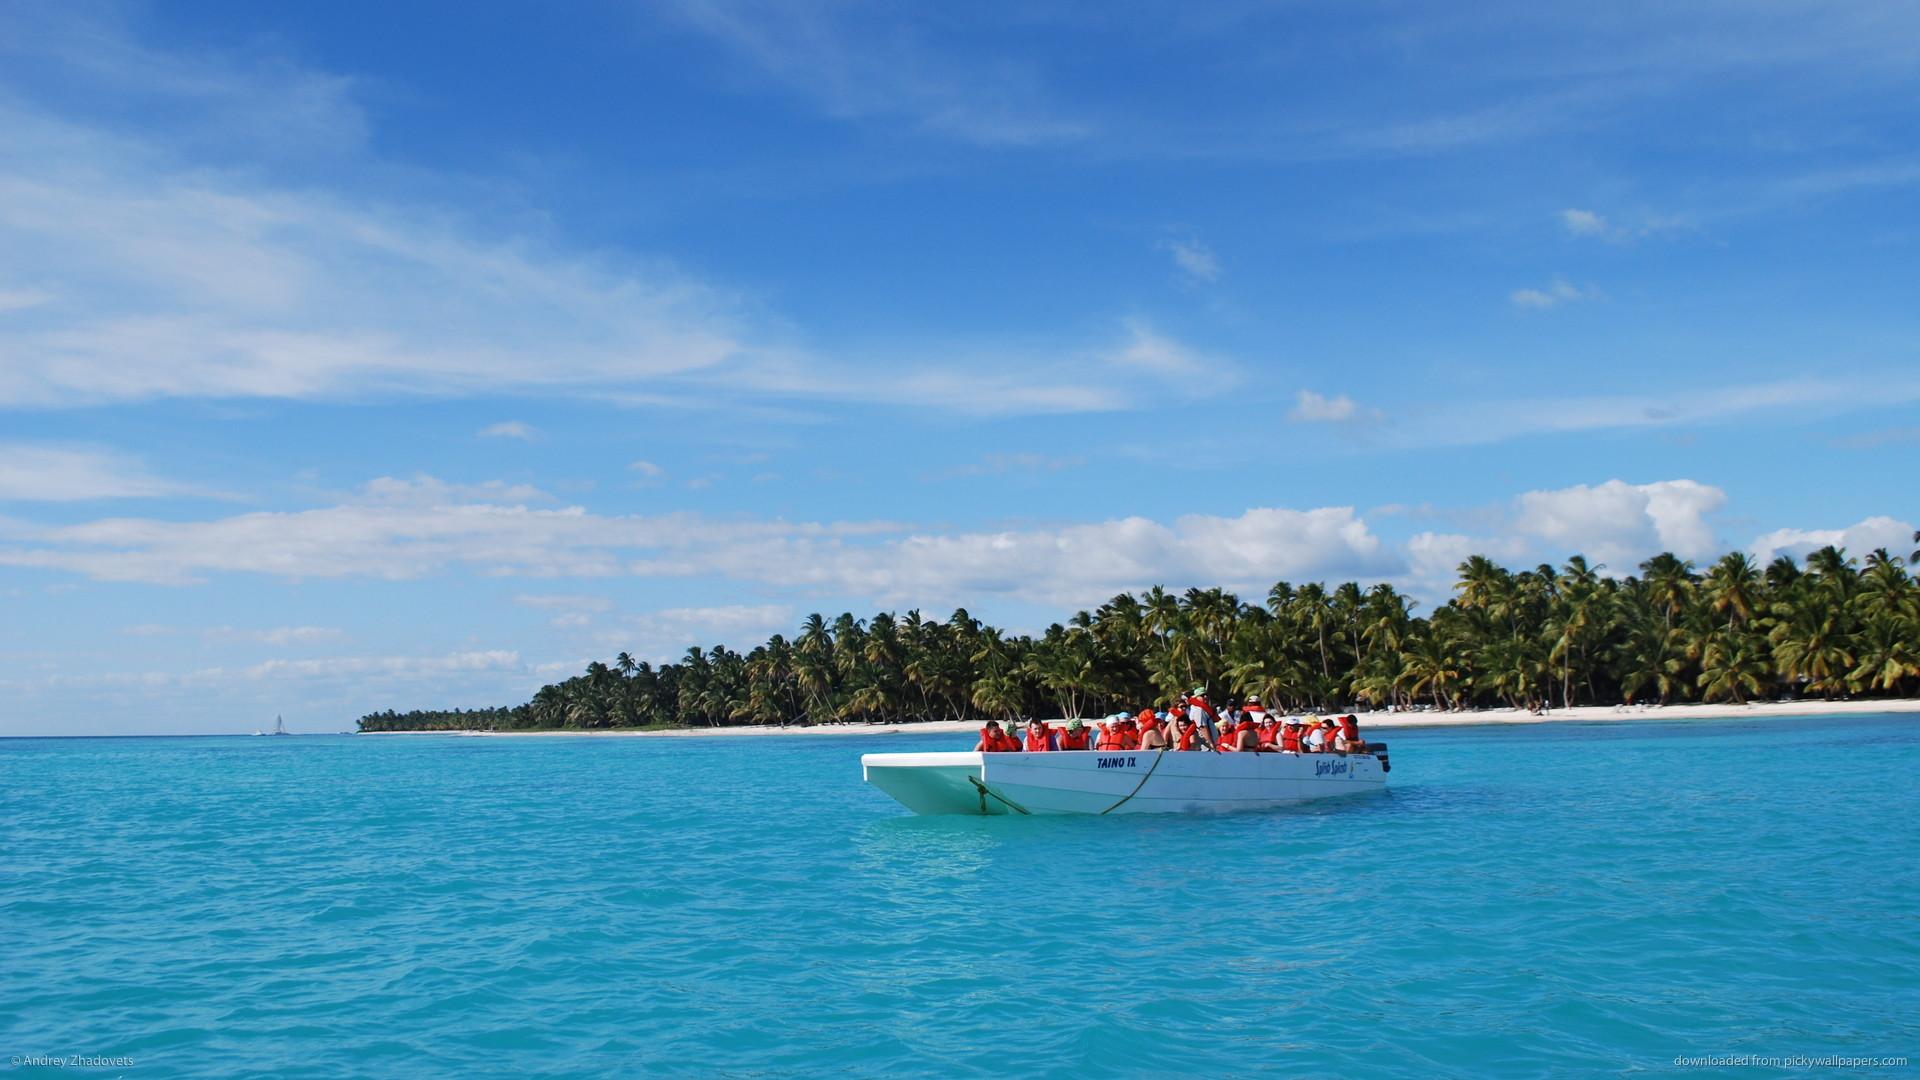 Dominican Republic boat for 1920×1080